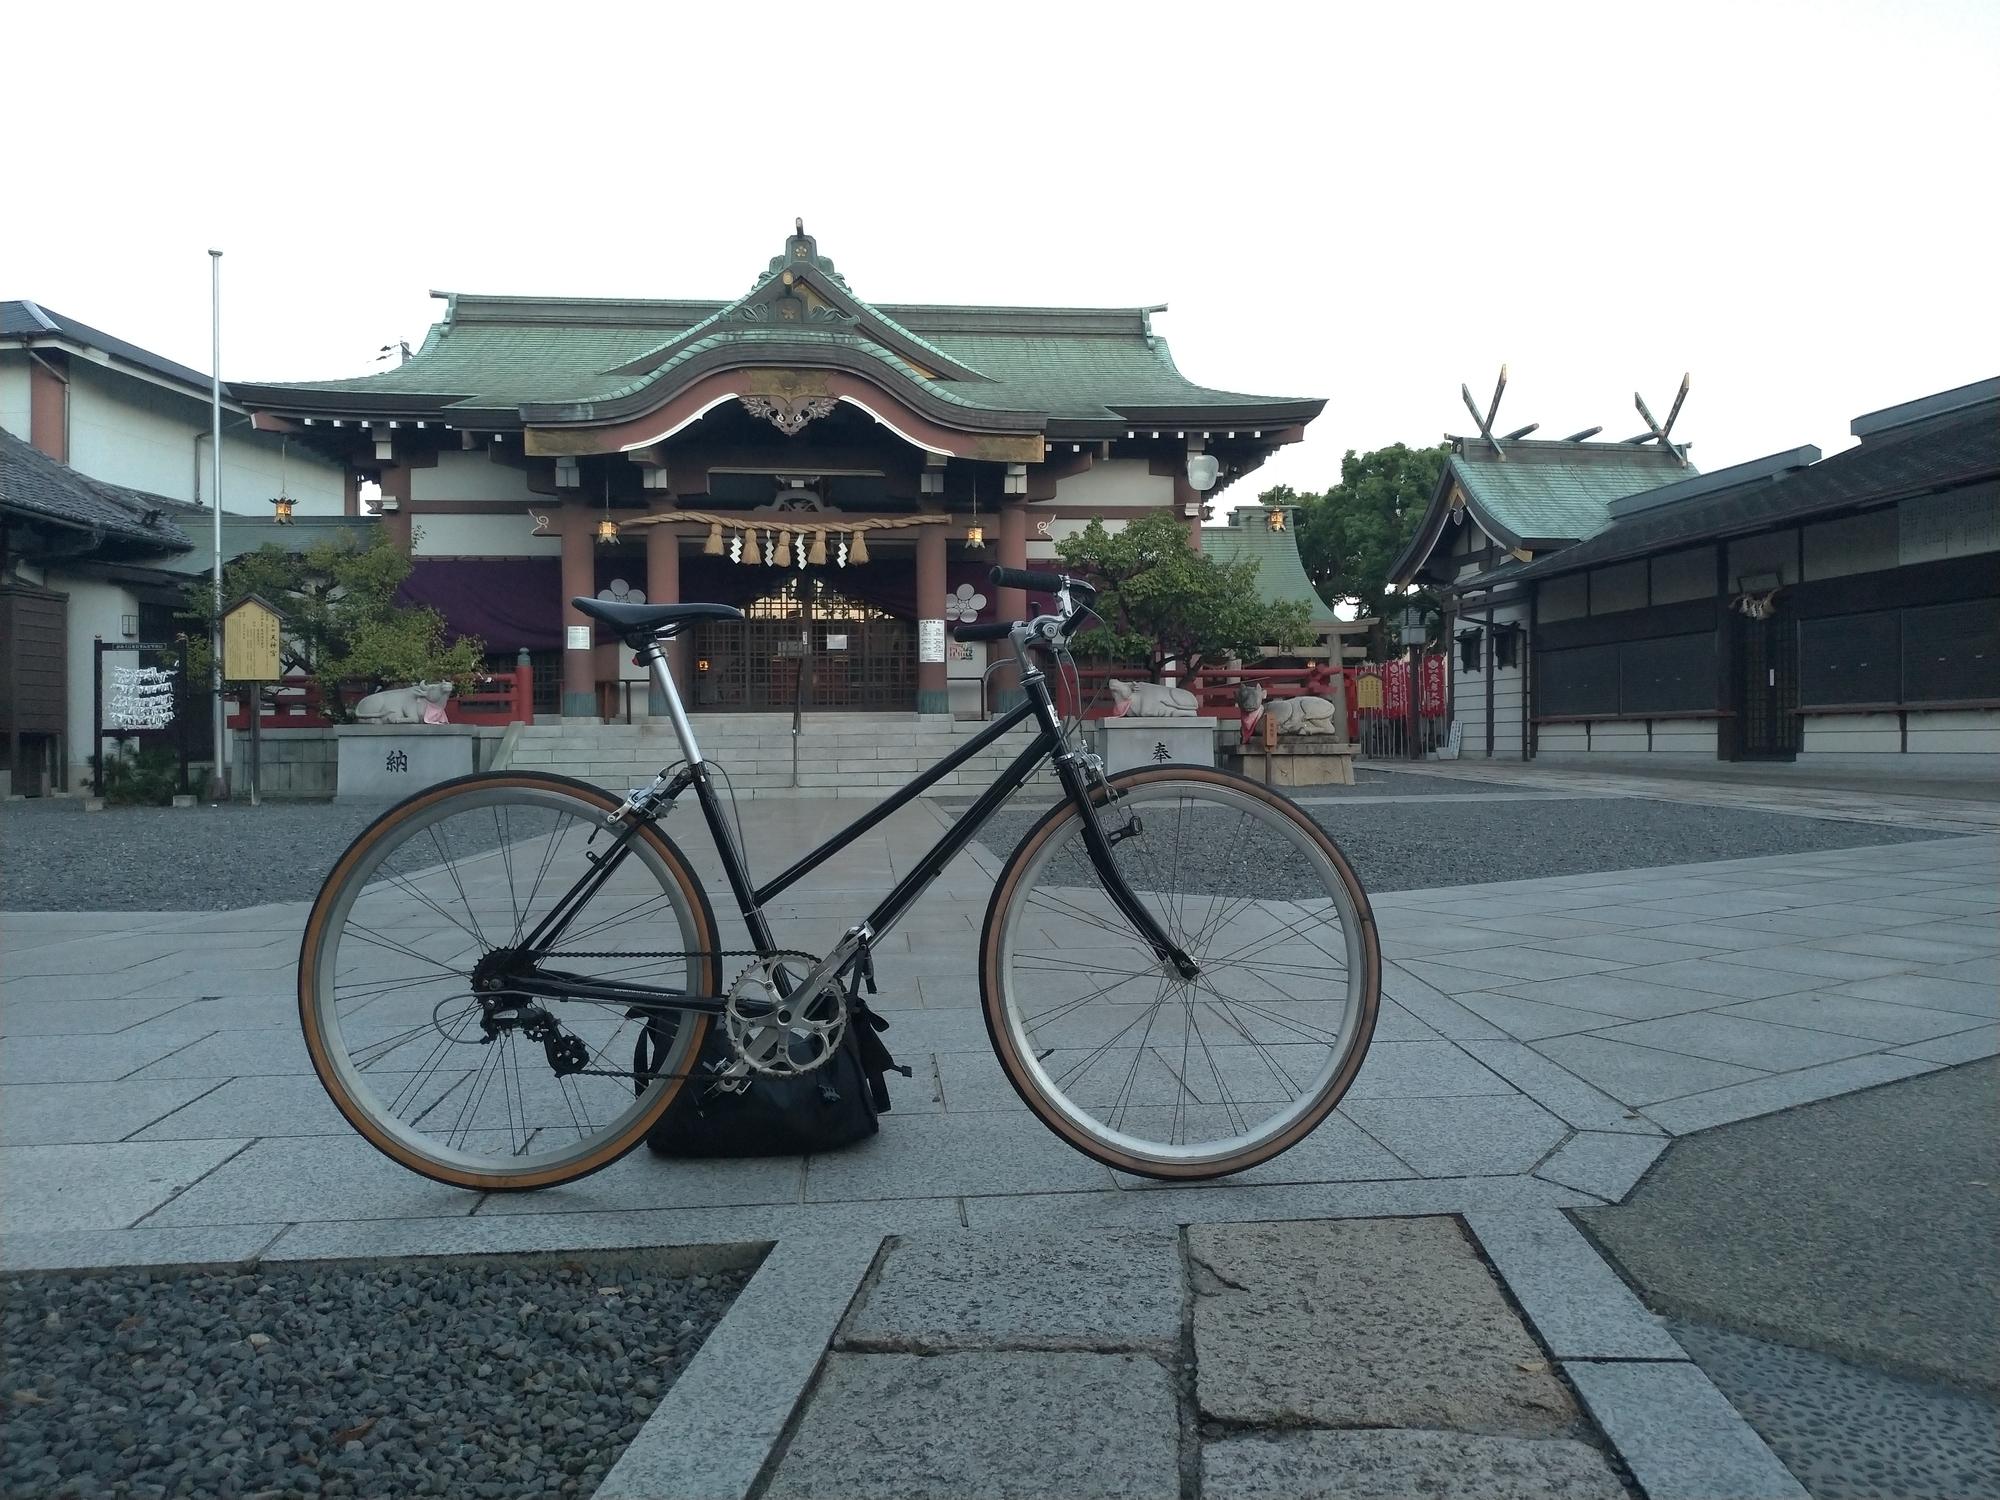 f:id:Yusagi_TourerV:20200915204456j:plain